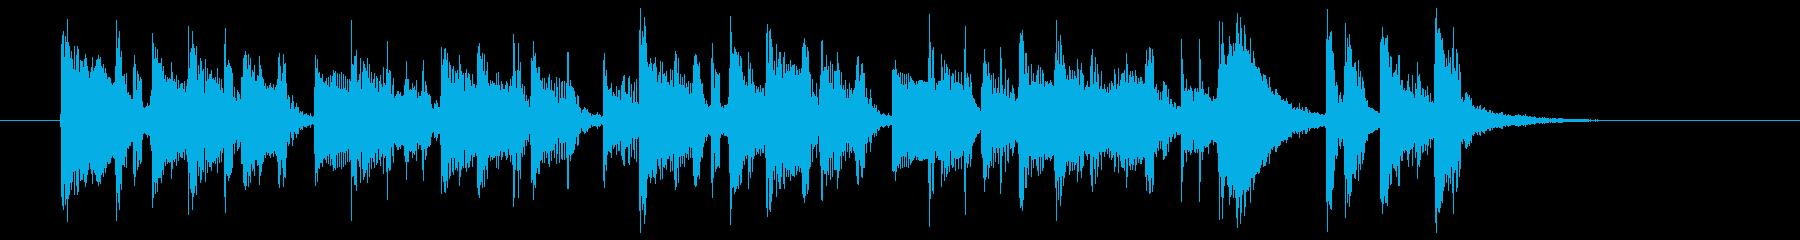 アップテンポなポップスバンドのジングル曲の再生済みの波形